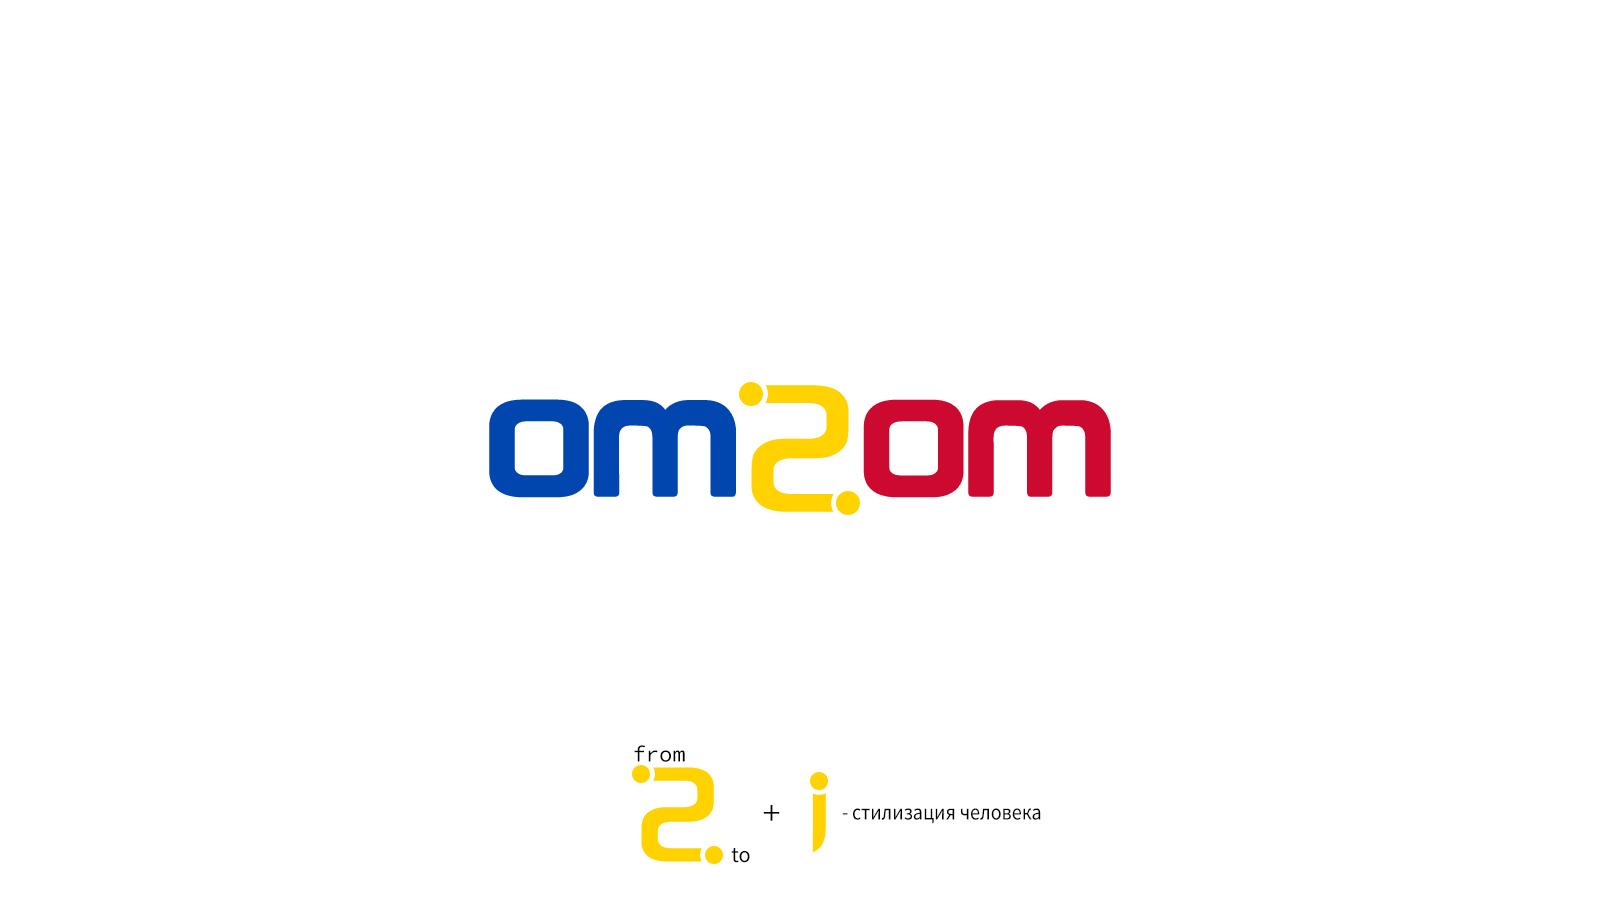 Разработка логотипа для краудфандинговой платформы om2om.md фото f_9955f5a4c7be5fd0.jpg